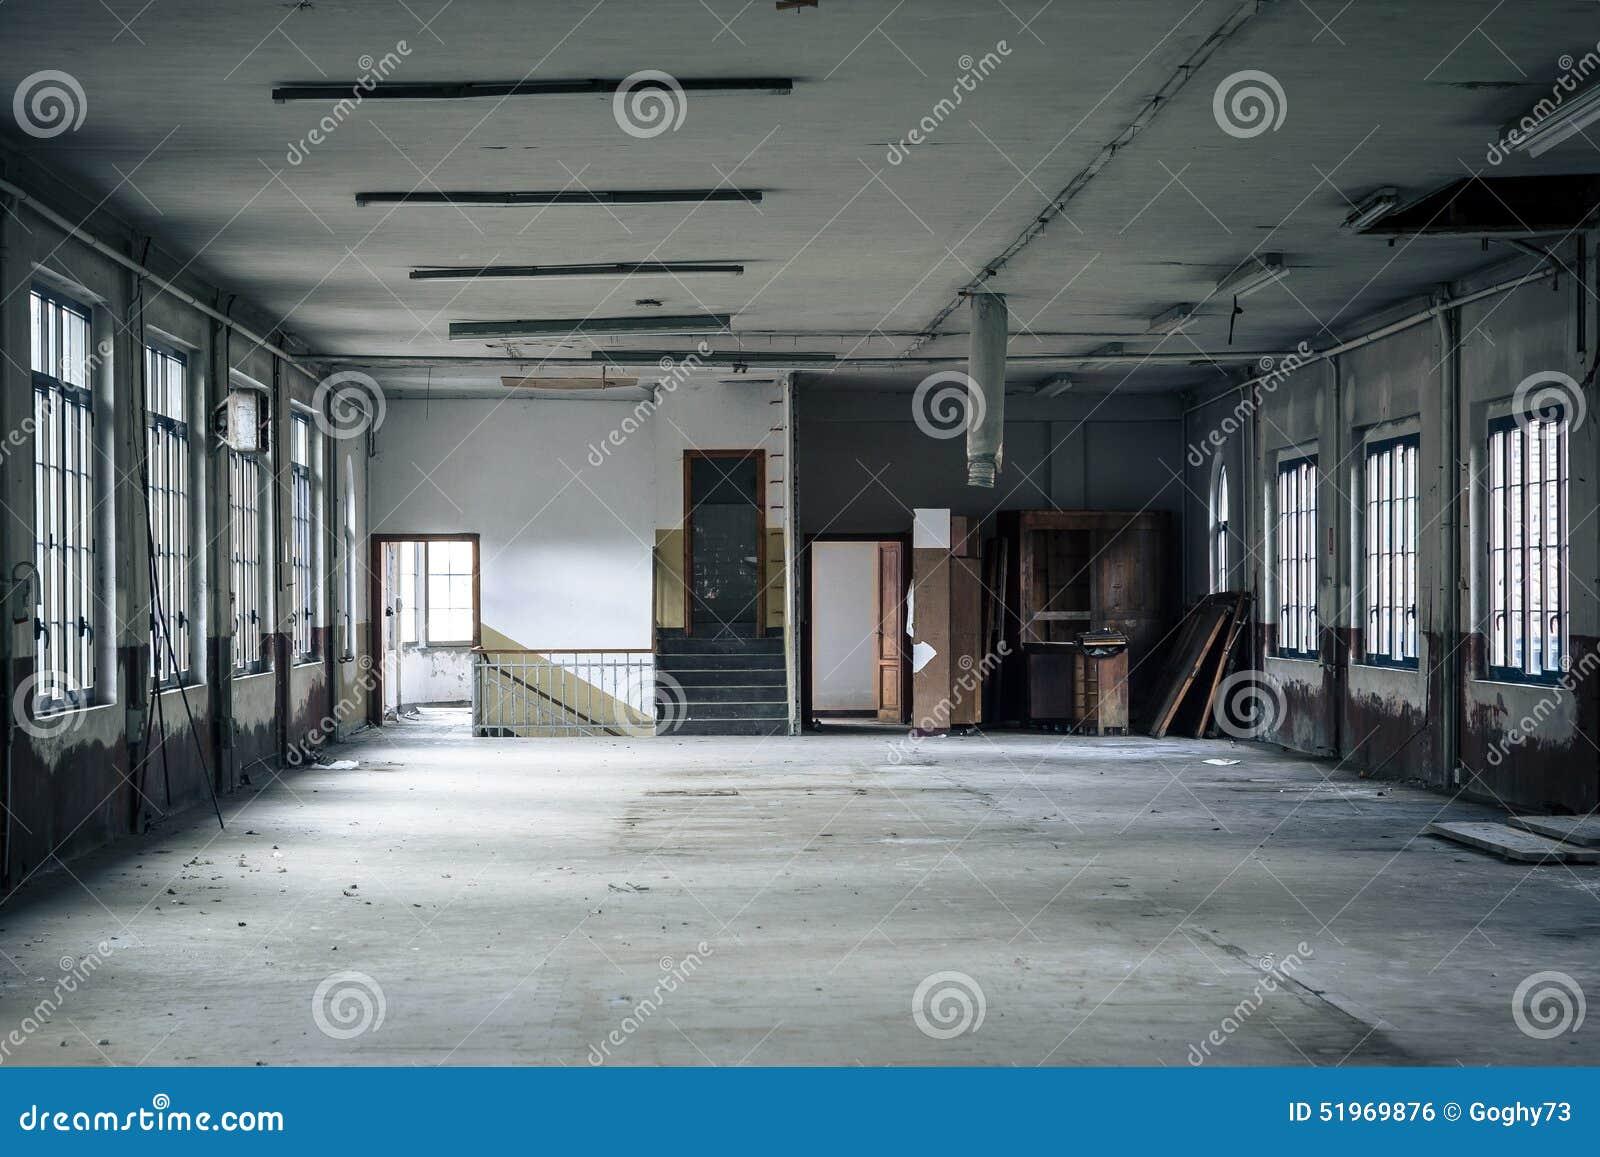 Int rieur d 39 une usine abandonn e photo stock image 51969876 for Interieur usine